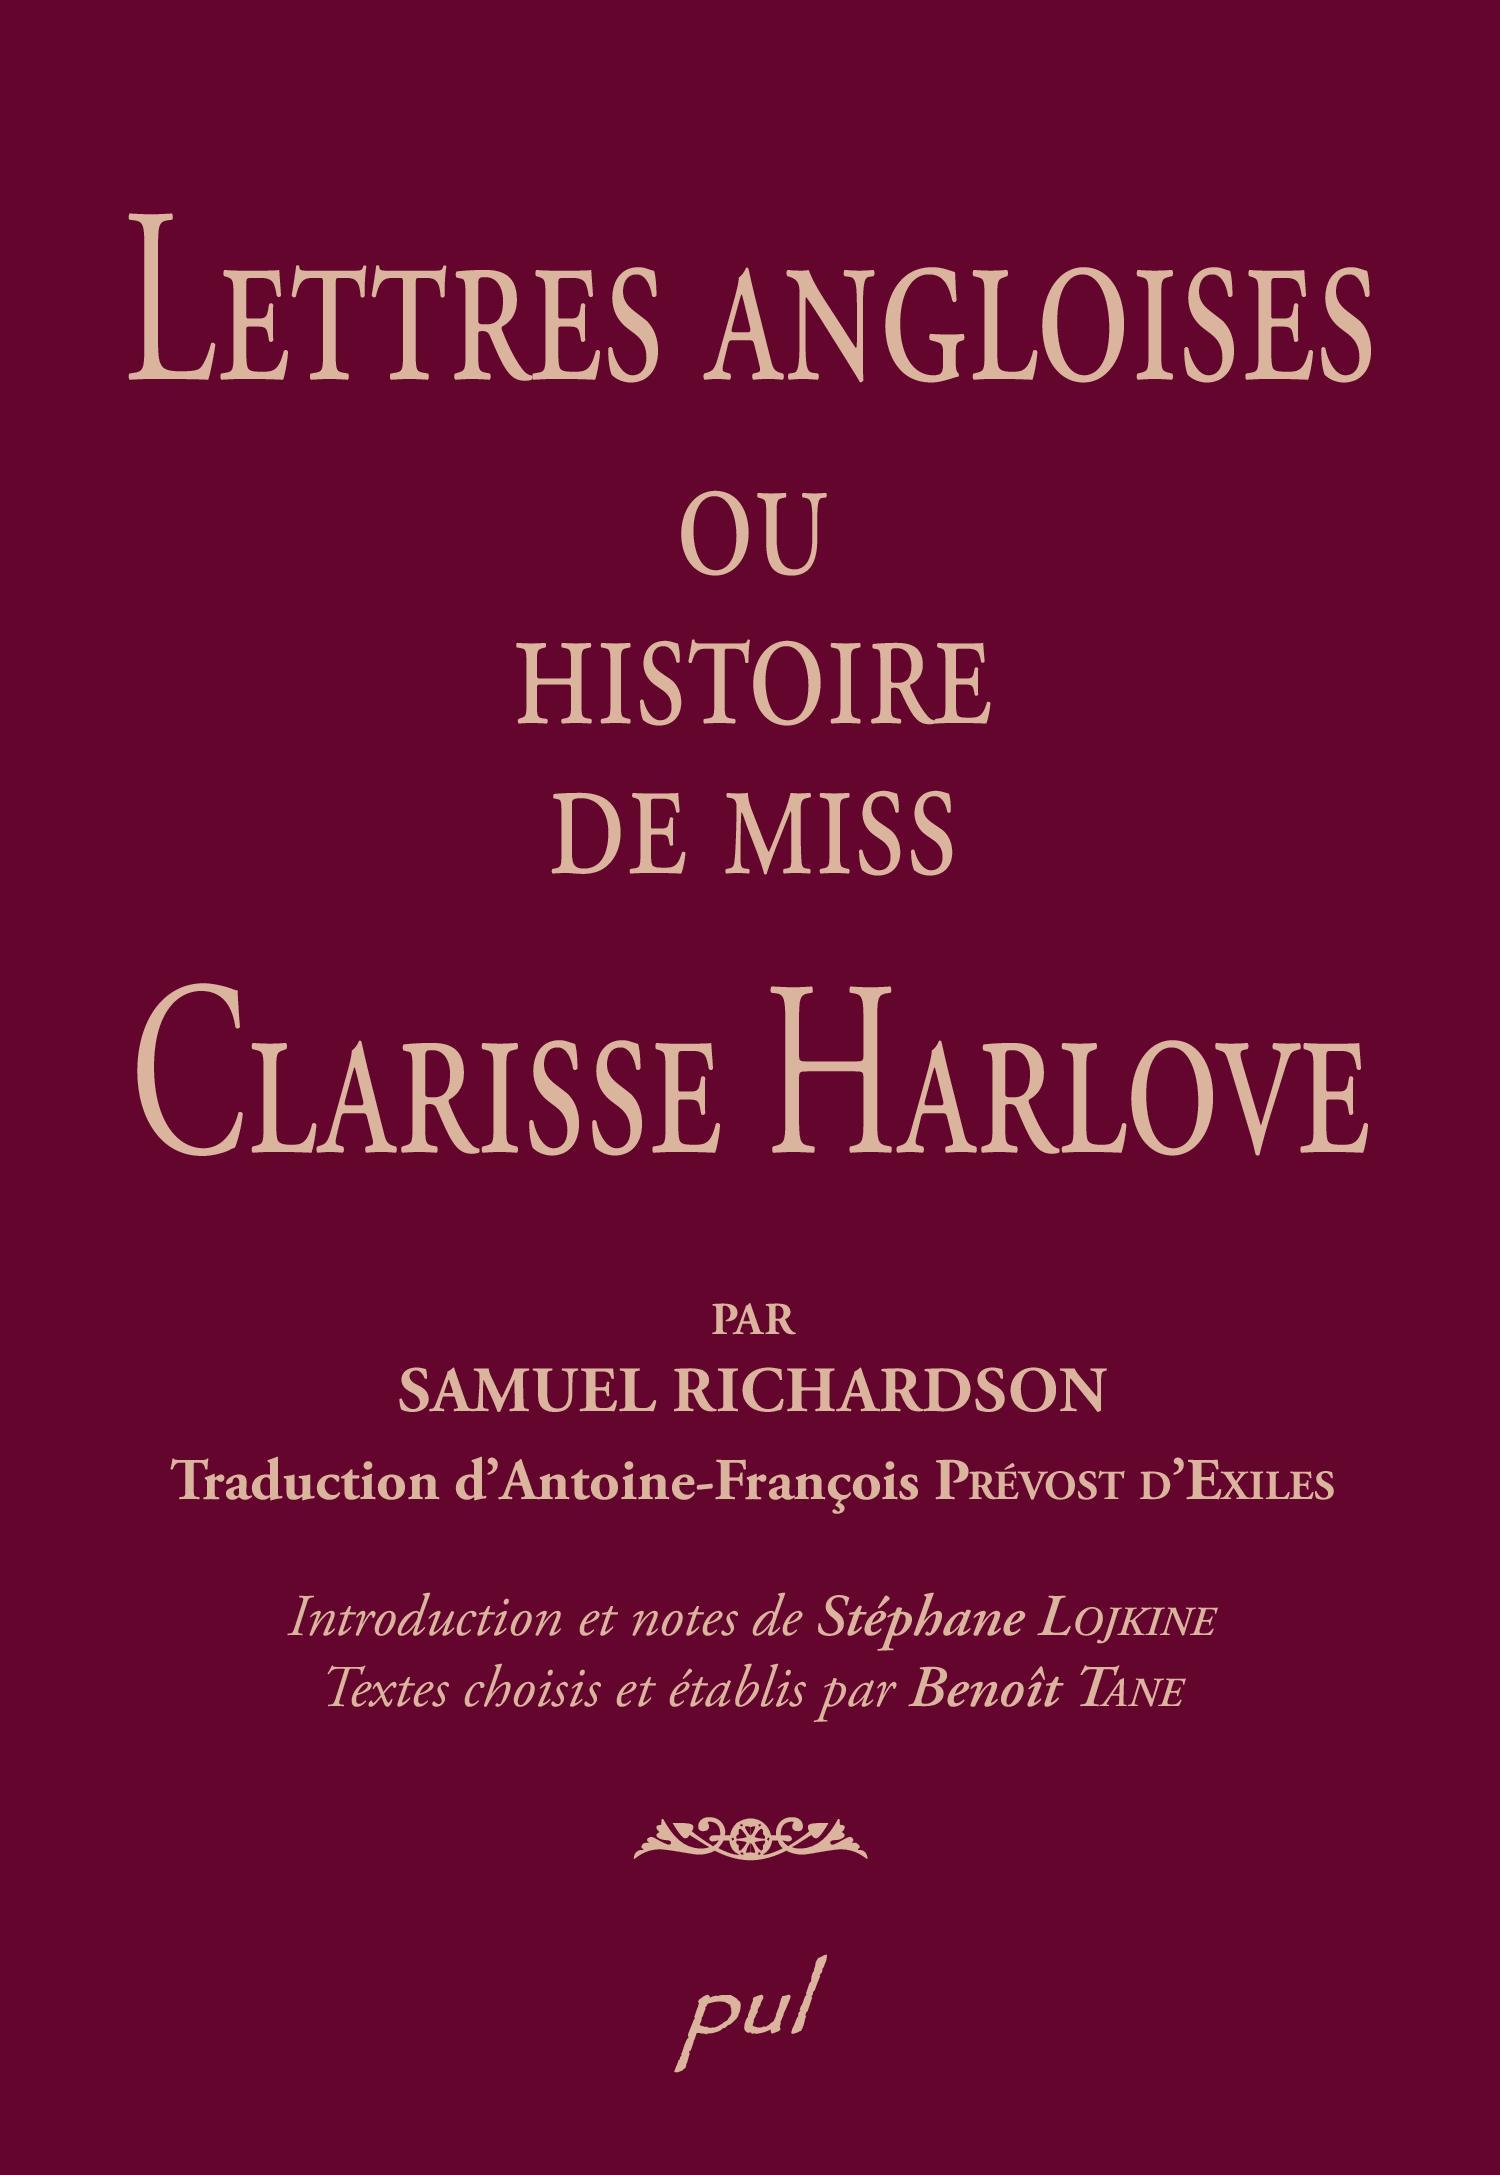 Lettres angloises ou l'histoire de Miss Clarisse Harlove